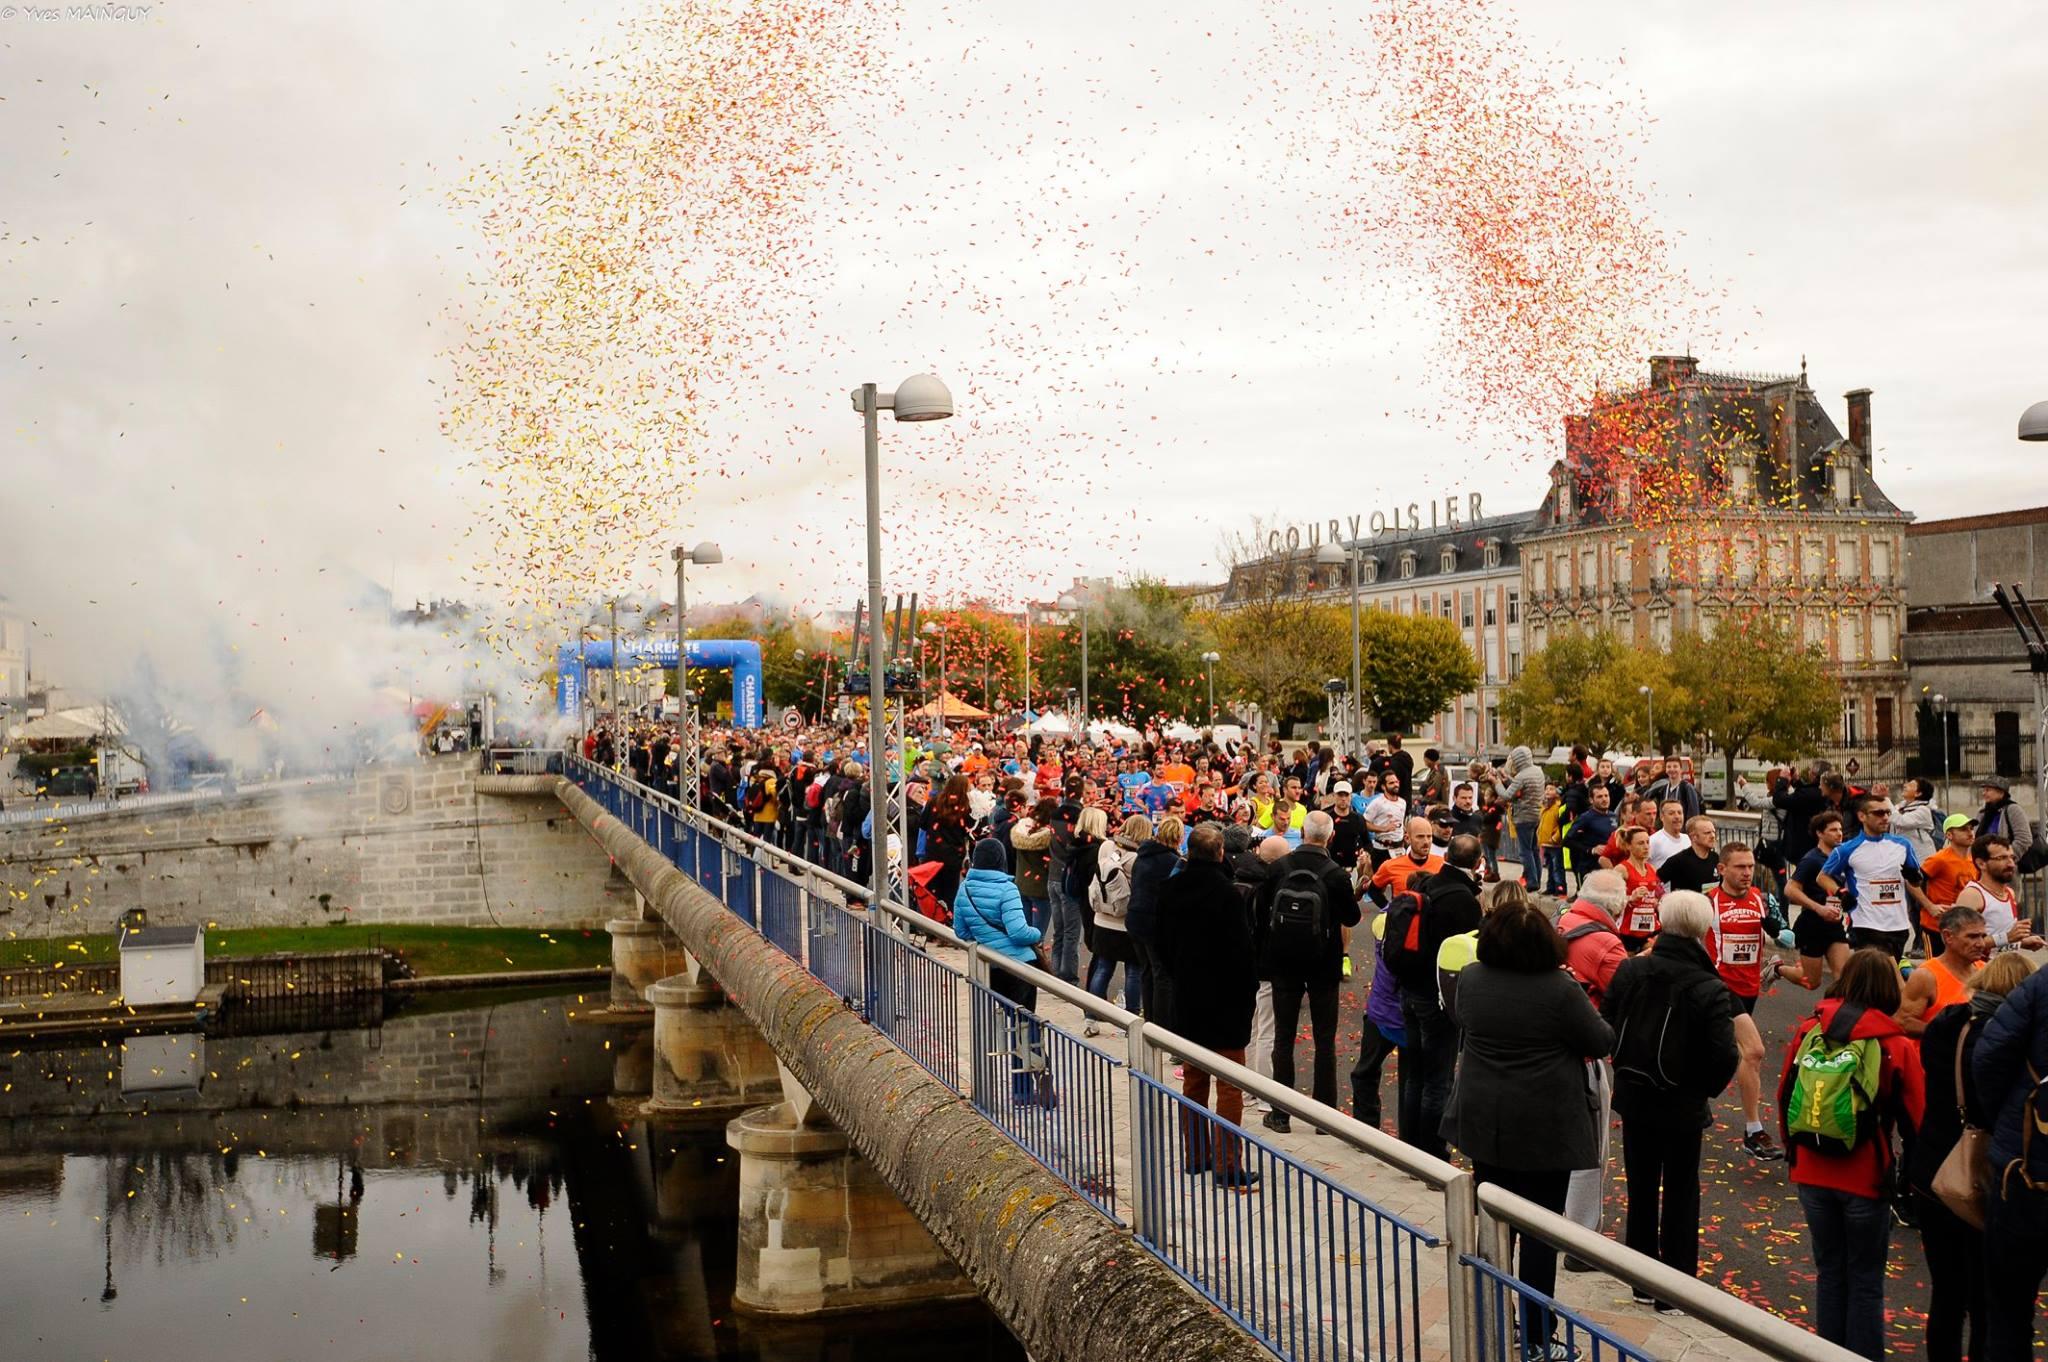 Arrivée du Marathon du Cognac devant Courvoisier